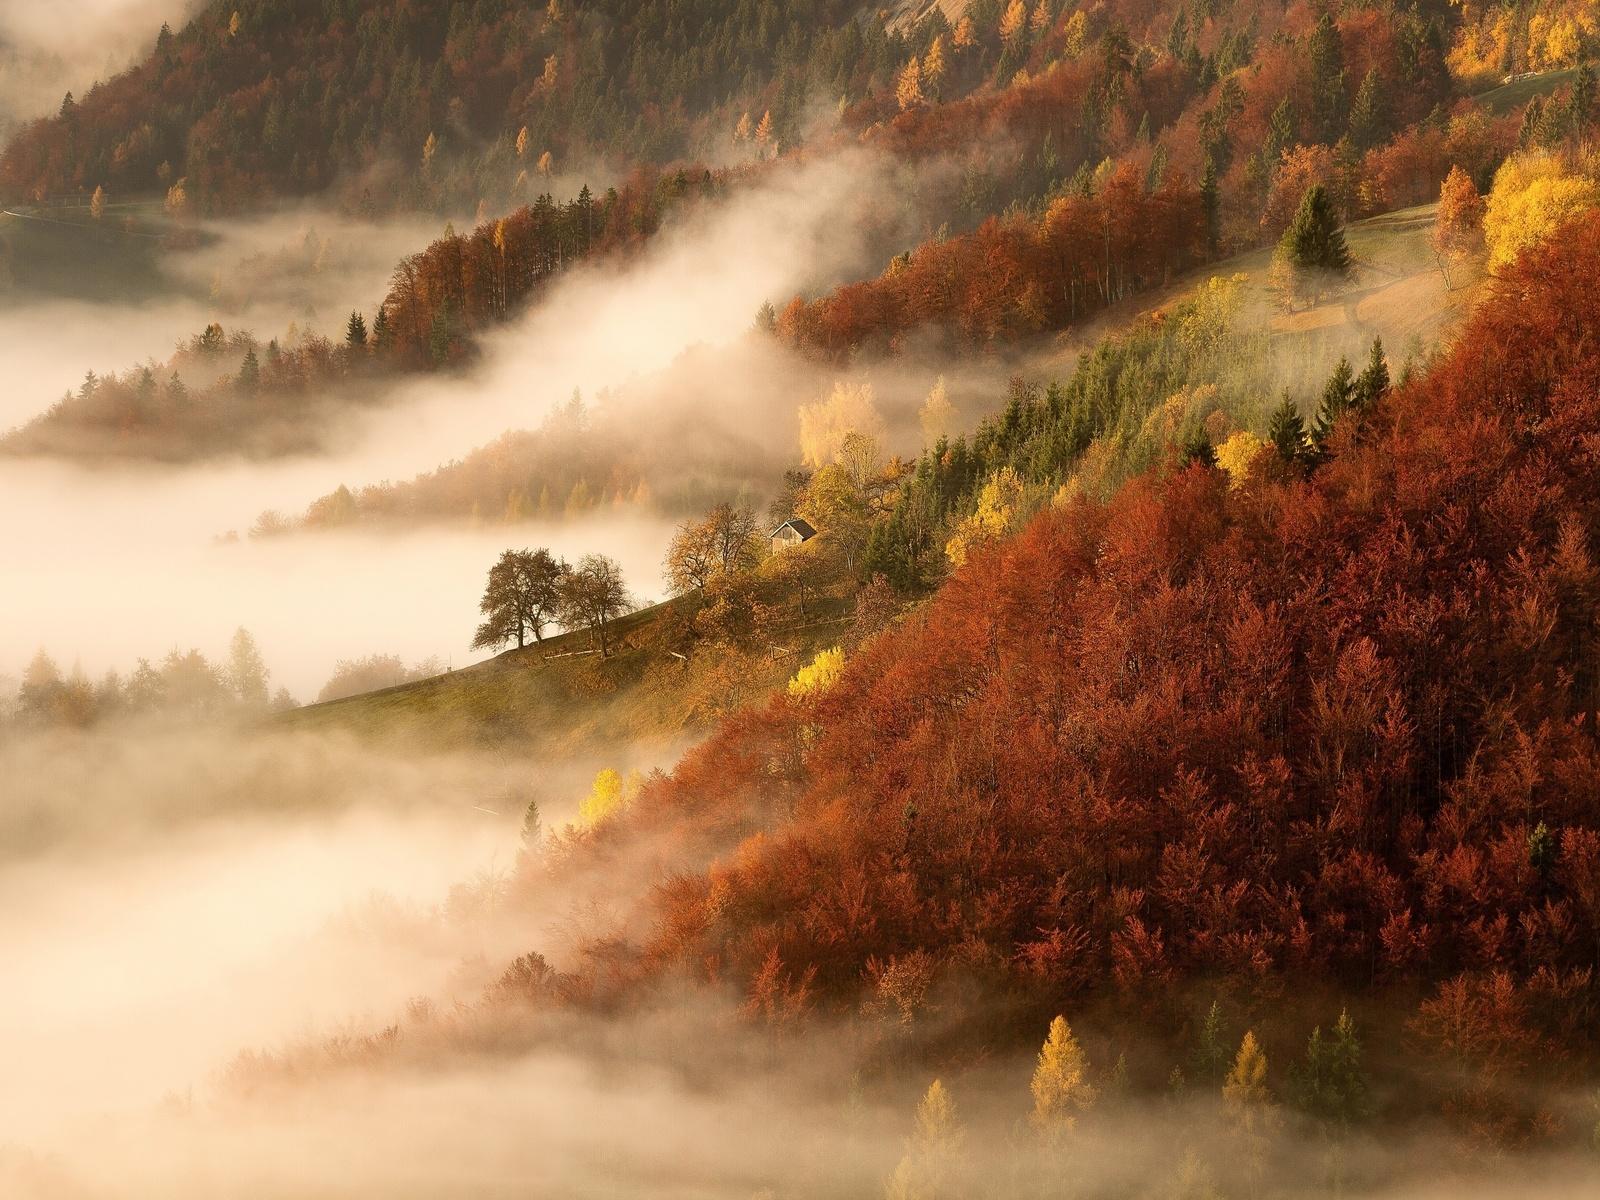 осень, лес, домик, туман